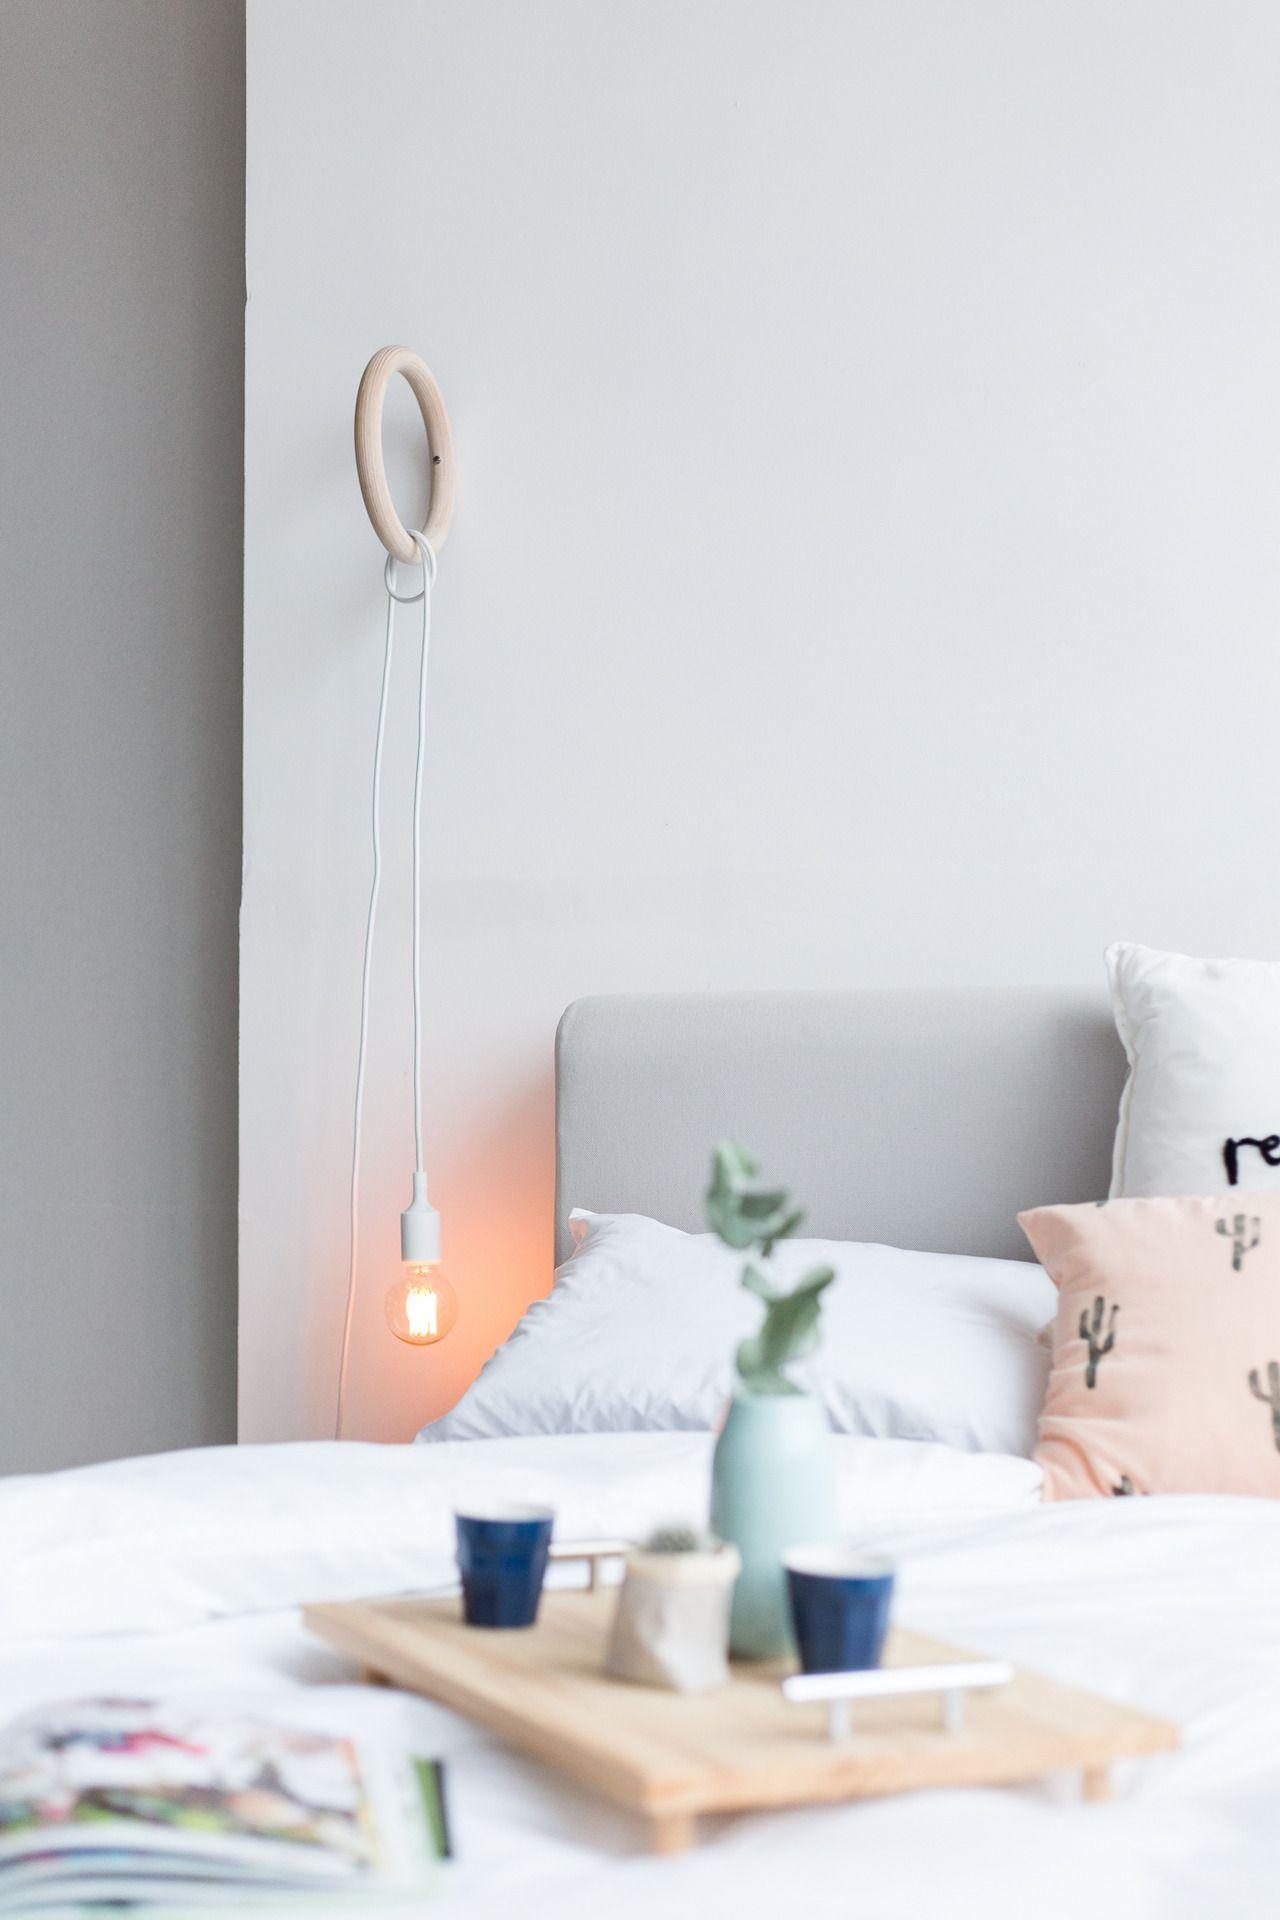 Украсьте декор спальни с помощью подвесного светильника для спортзала, сделанного своими руками